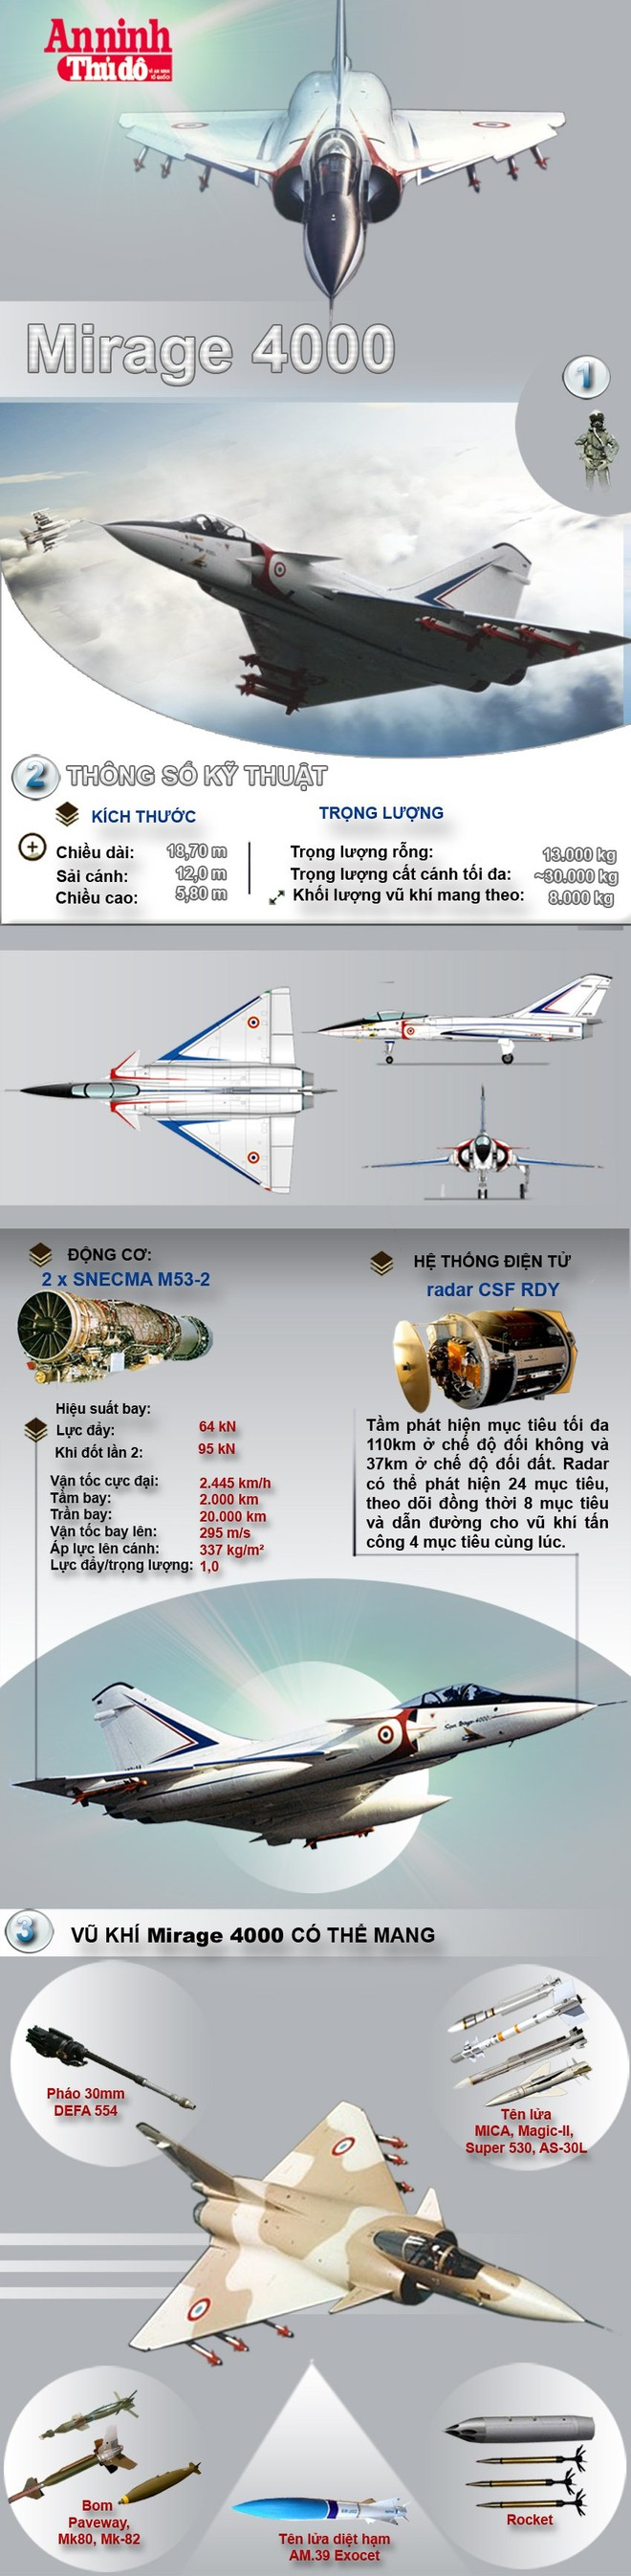 [Infographic] Mirage 4000-Siêu tiêm kích lỗi hẹn với bầu trời